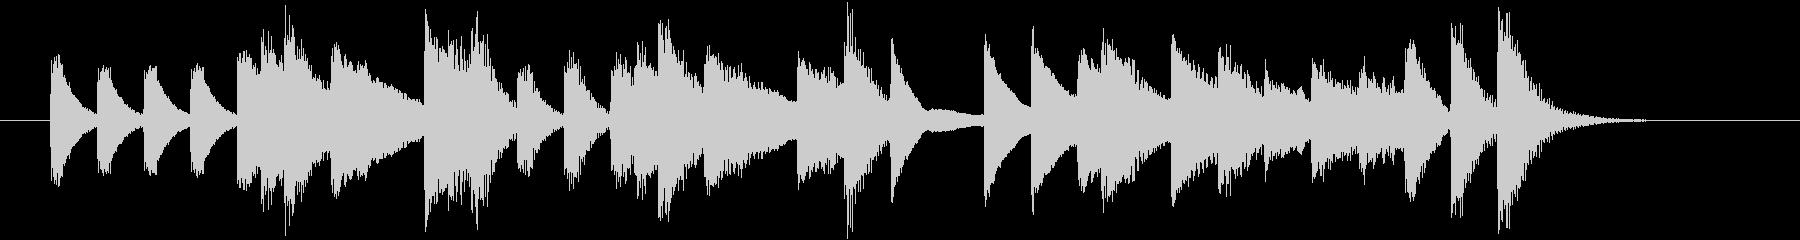 もろびとこぞりてモチーフピアノジングルDの未再生の波形